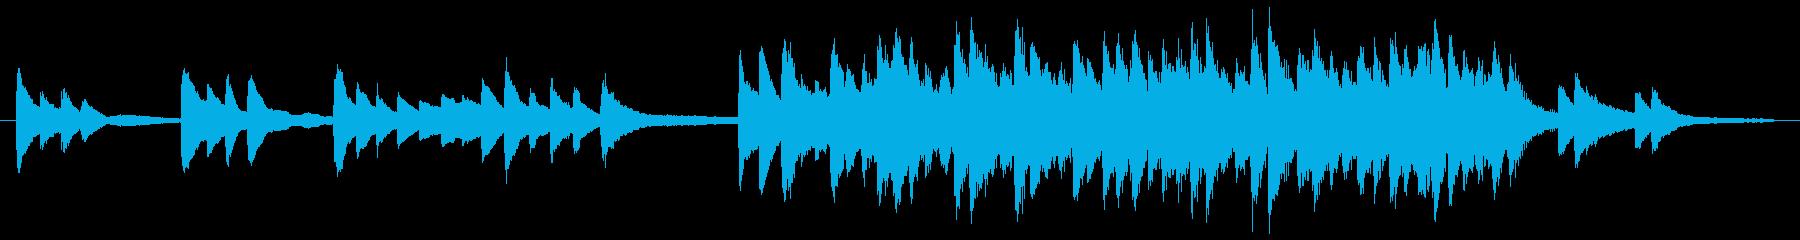 ジブリ、坂本龍一風生演奏ピアノの再生済みの波形